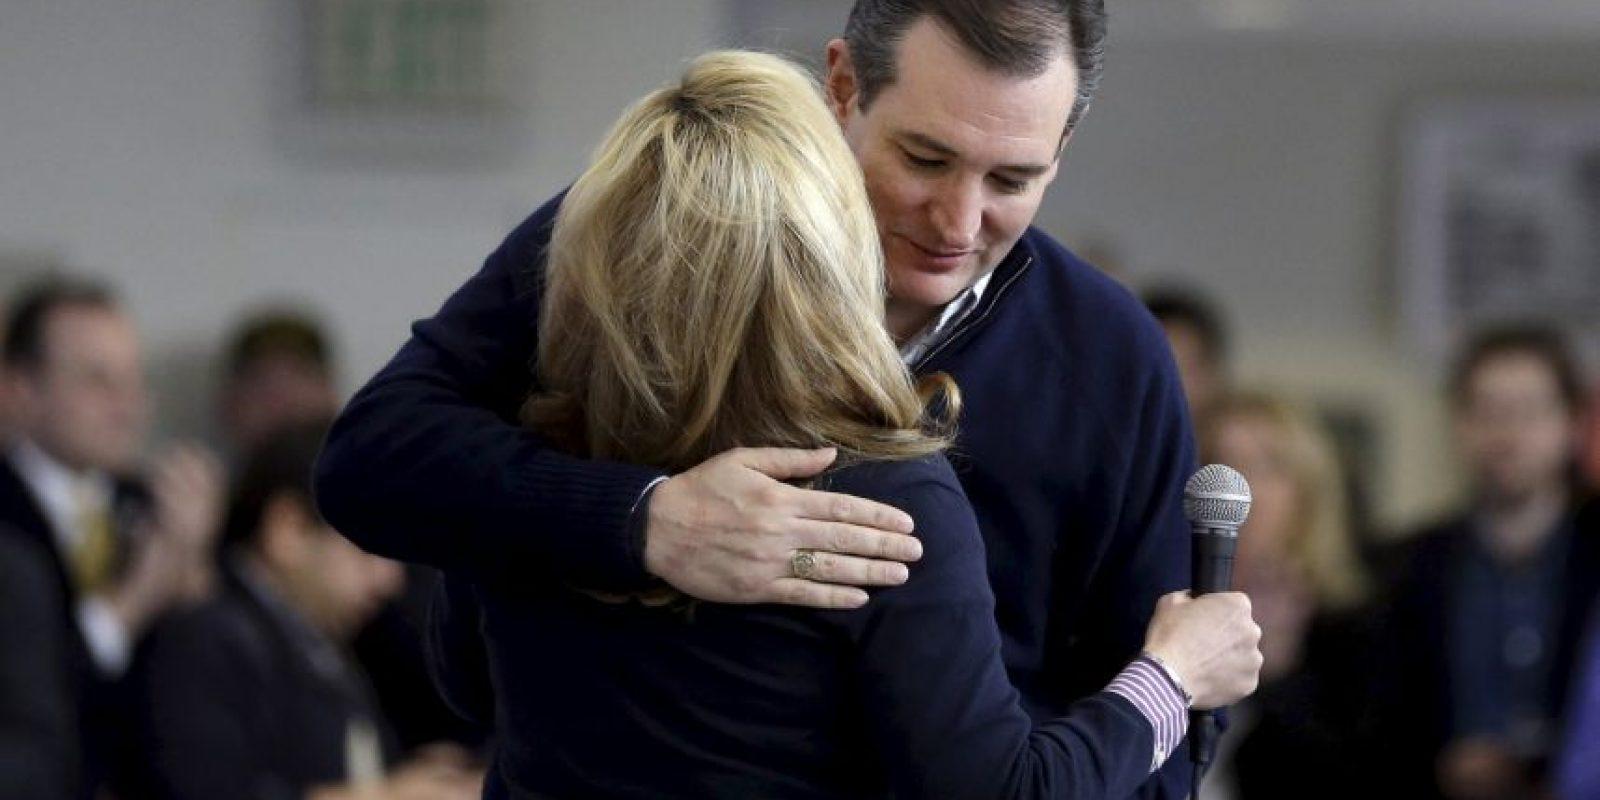 Será hasta noviembre que se decidan los dos candidatos que competirán en las elecciones generales. Foto:AP. Imagen Por: